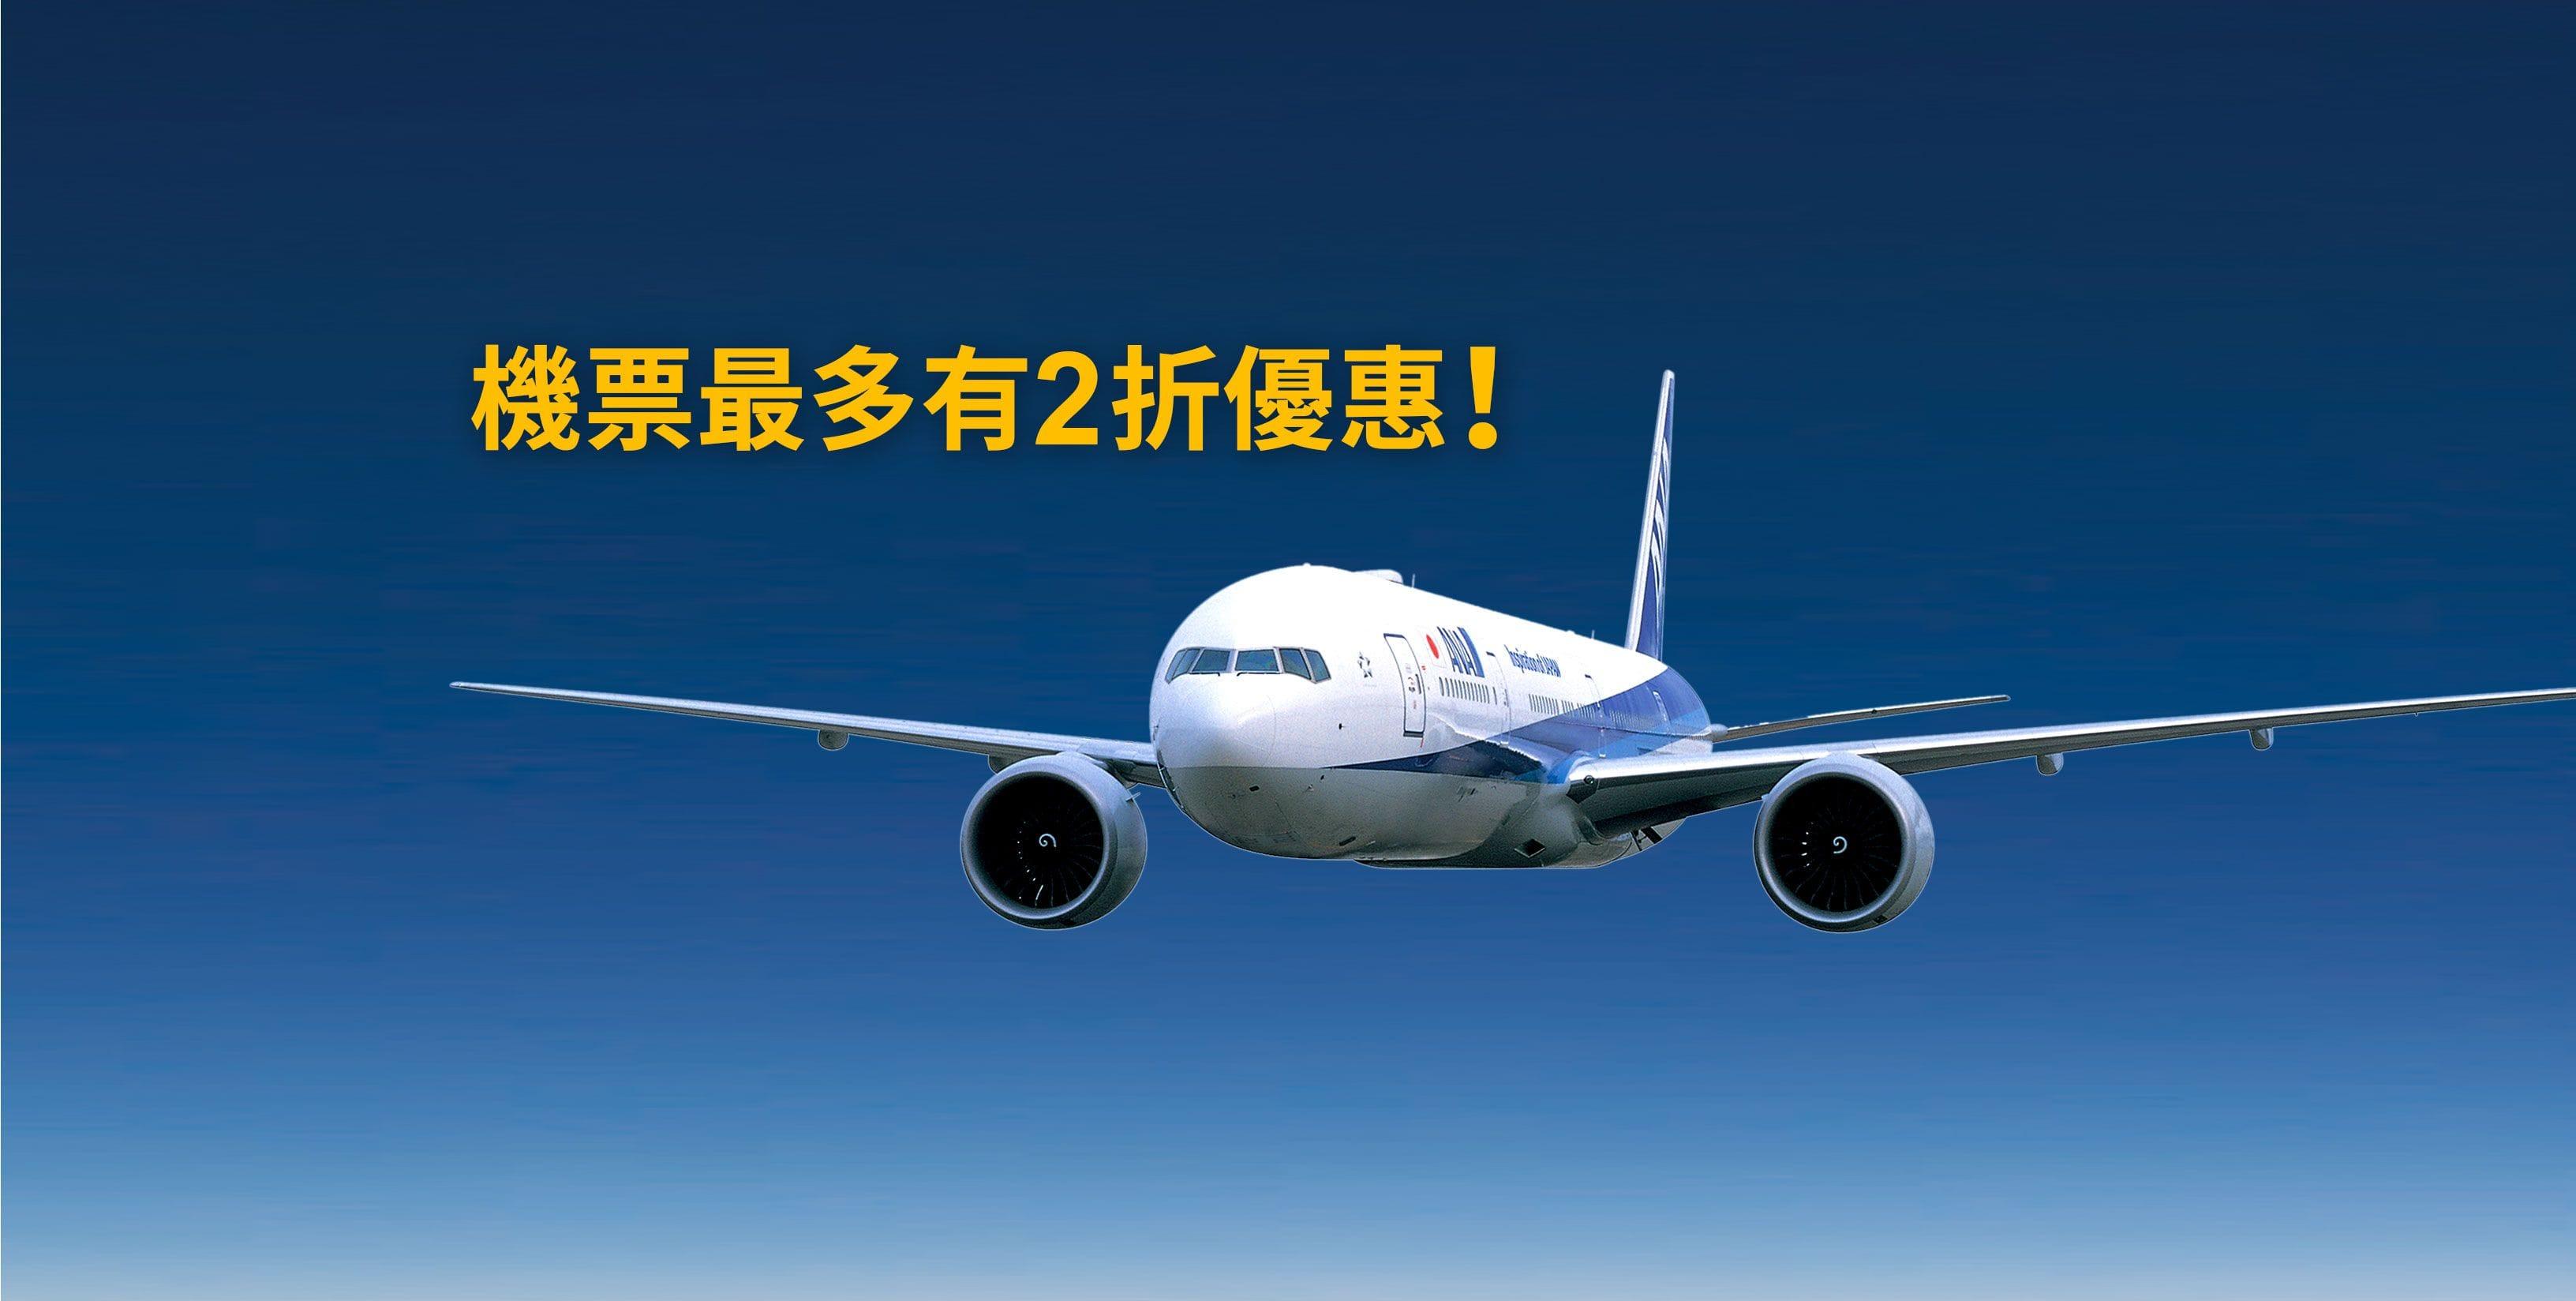 機票最多2折!日本國內航班就選ANA全日空日本國內線特價機票!